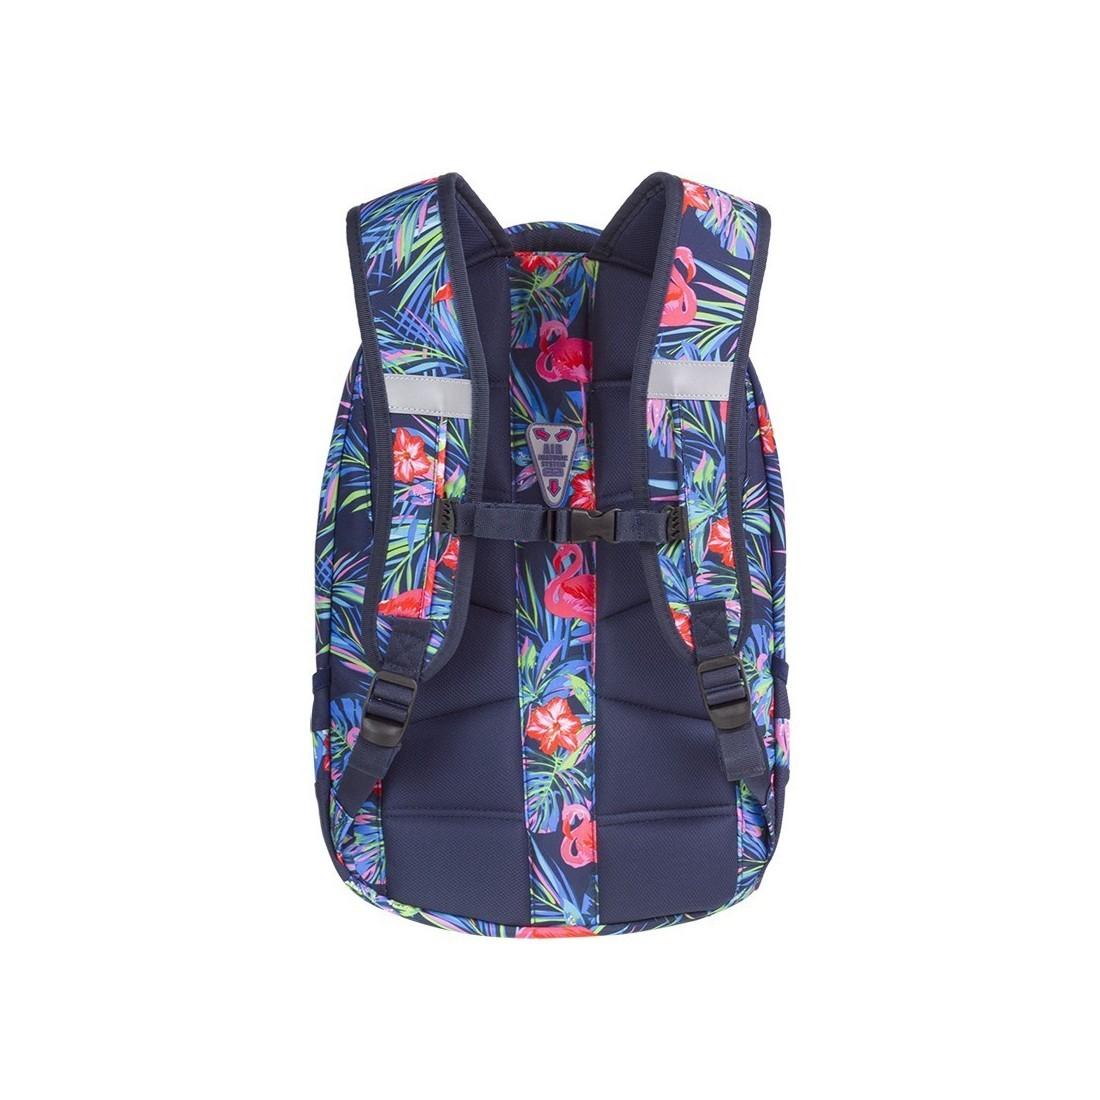 Plecak młodzieżowy CoolPack CP COLLEGE PINK FLAMINGO różowe flamingi kwiaty anatomicznie wyprofilowane plecy - 5 przegród - A478